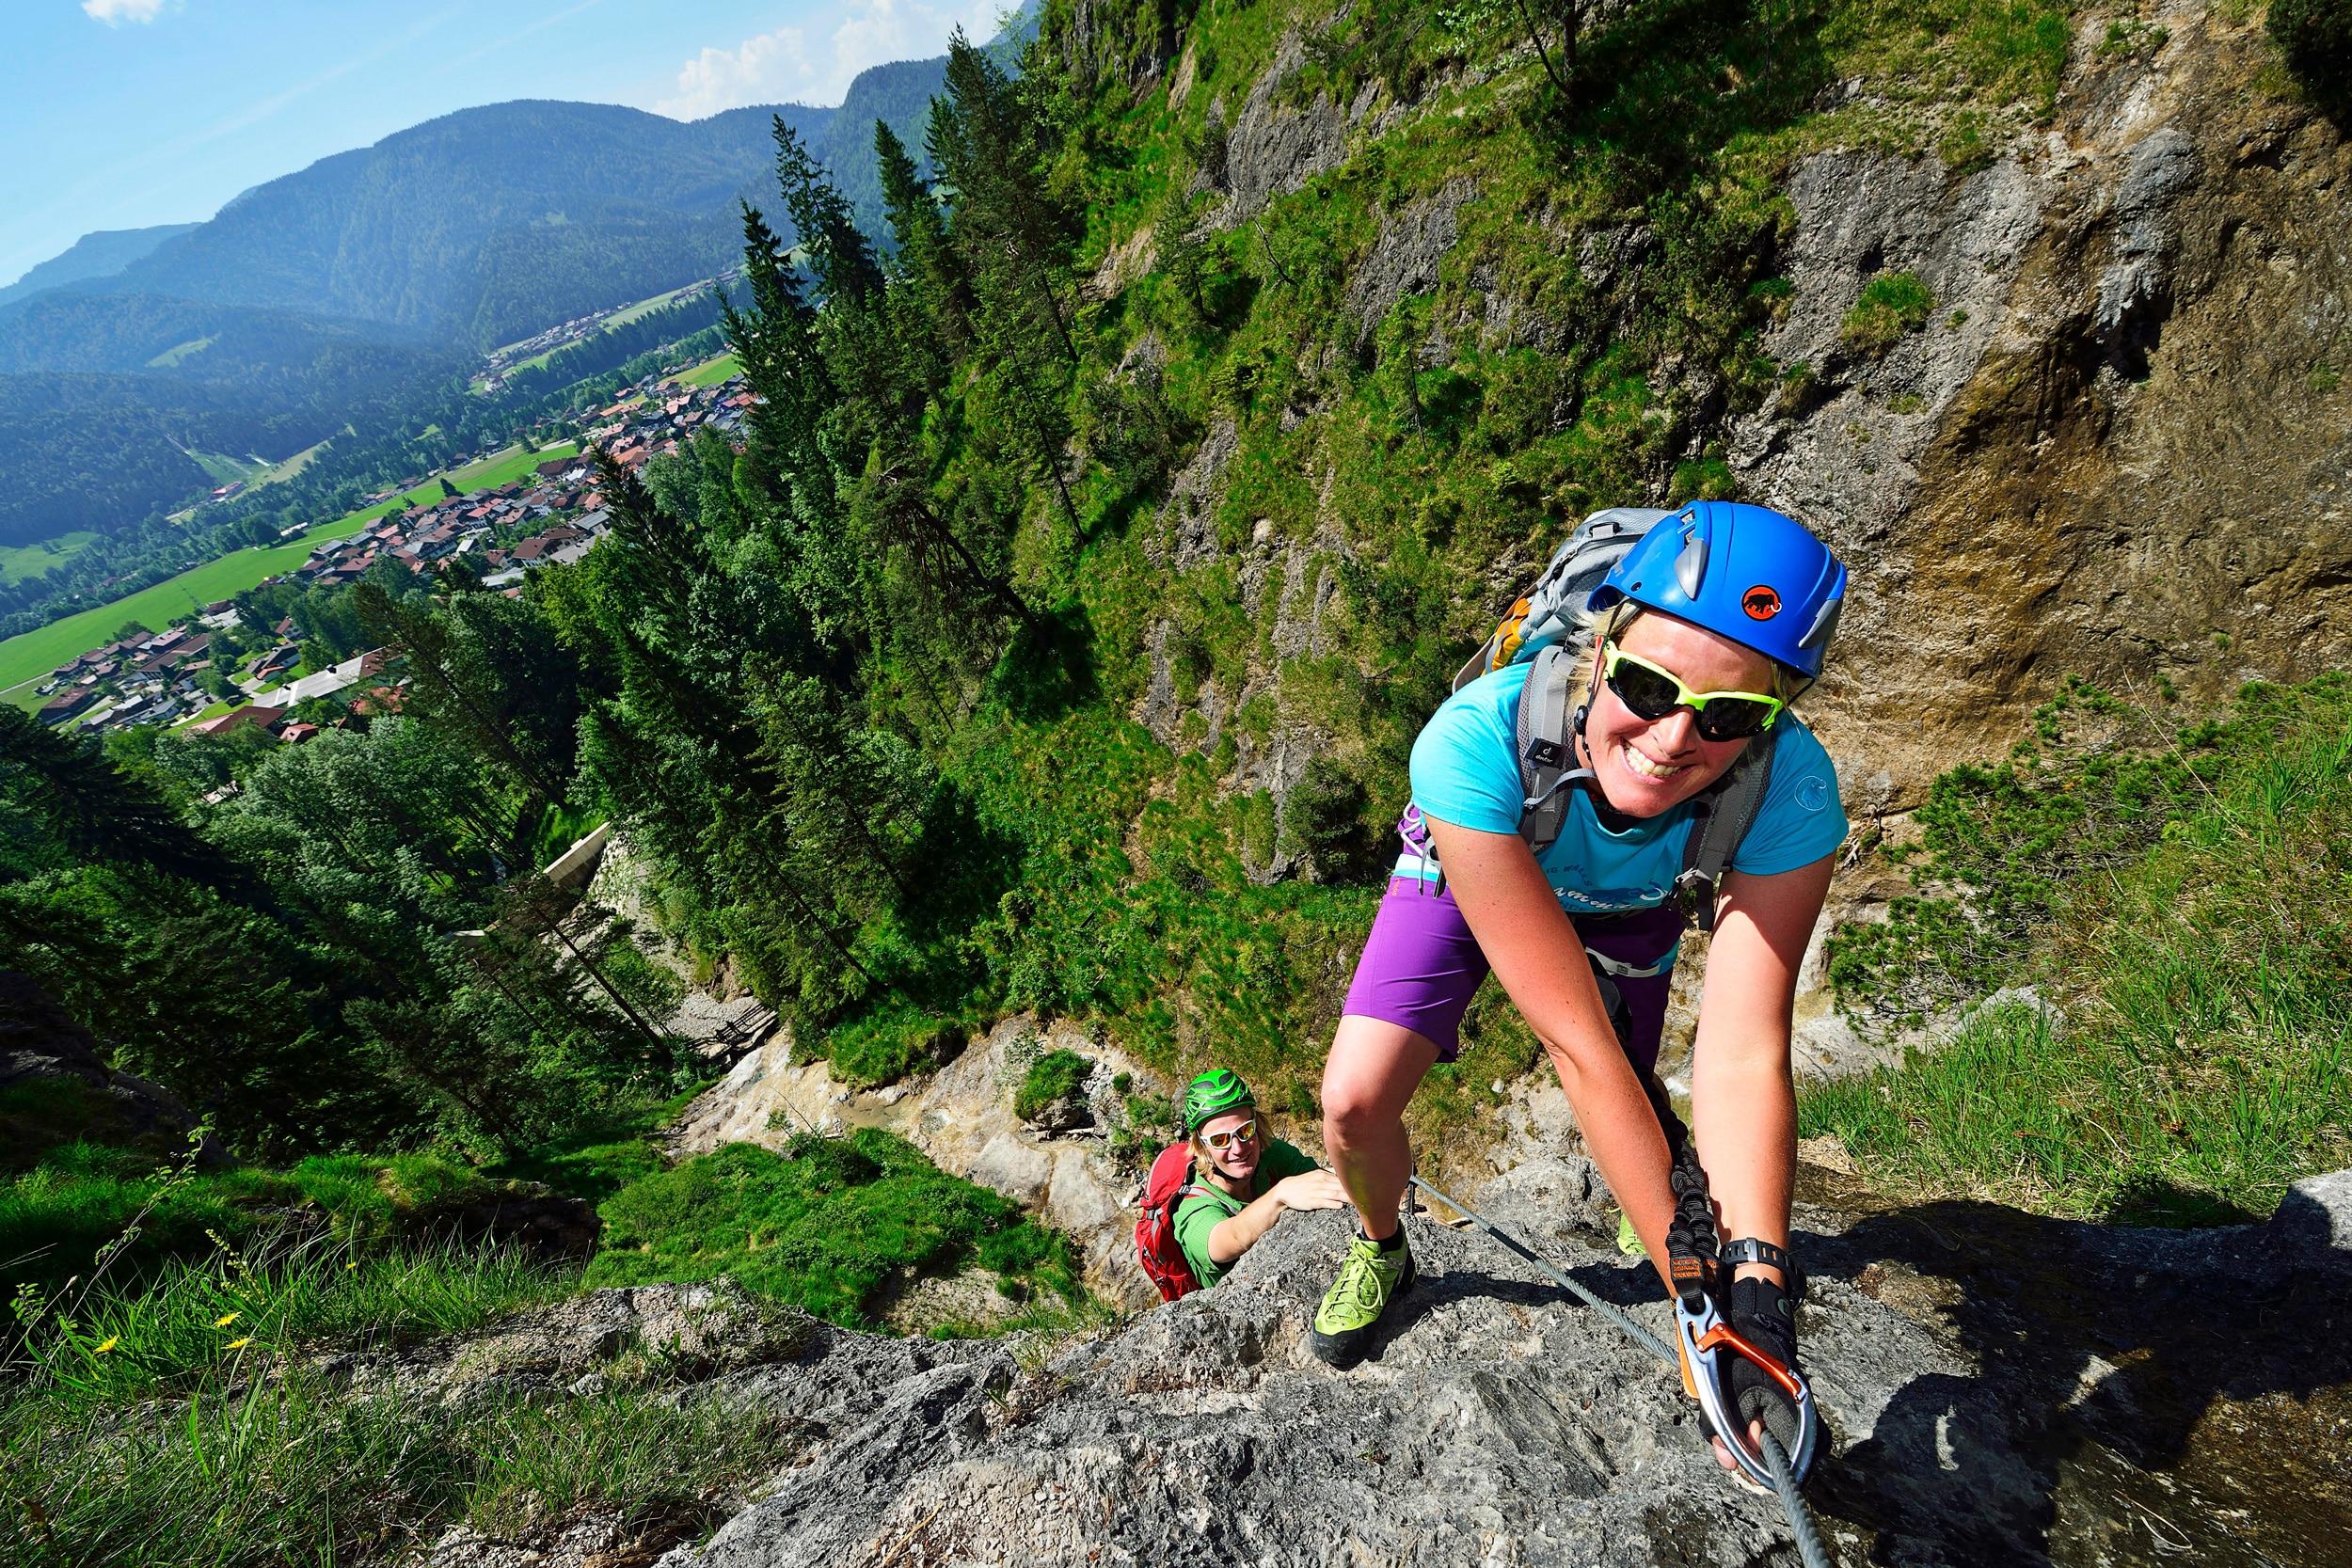 Klettergurt Einbinden Klettersteigset : Universal klettergurt taipan hüftgurt sitzgurt klettersteig